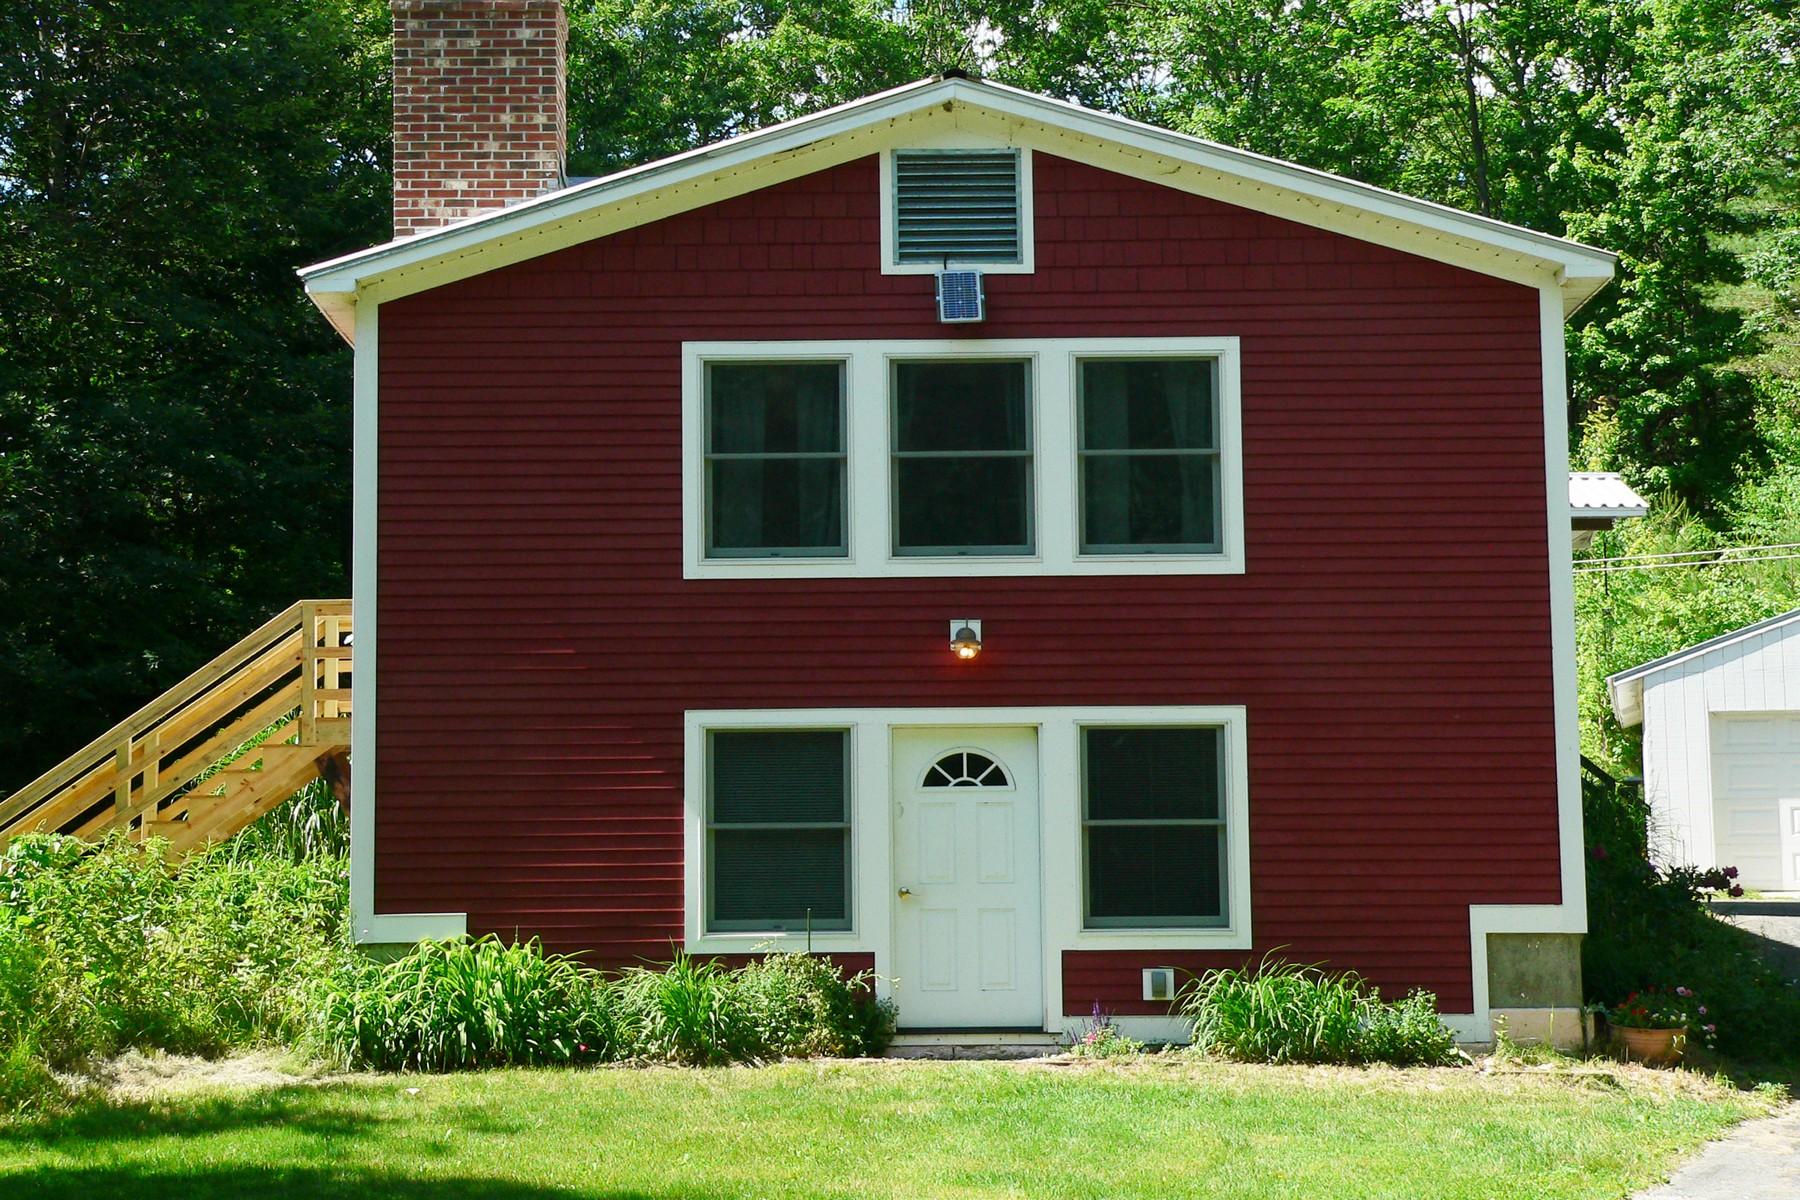 Casa Unifamiliar por un Venta en Mountain Top View 825 Skitchewaug Trail Rd Springfield, Vermont, 05156 Estados Unidos